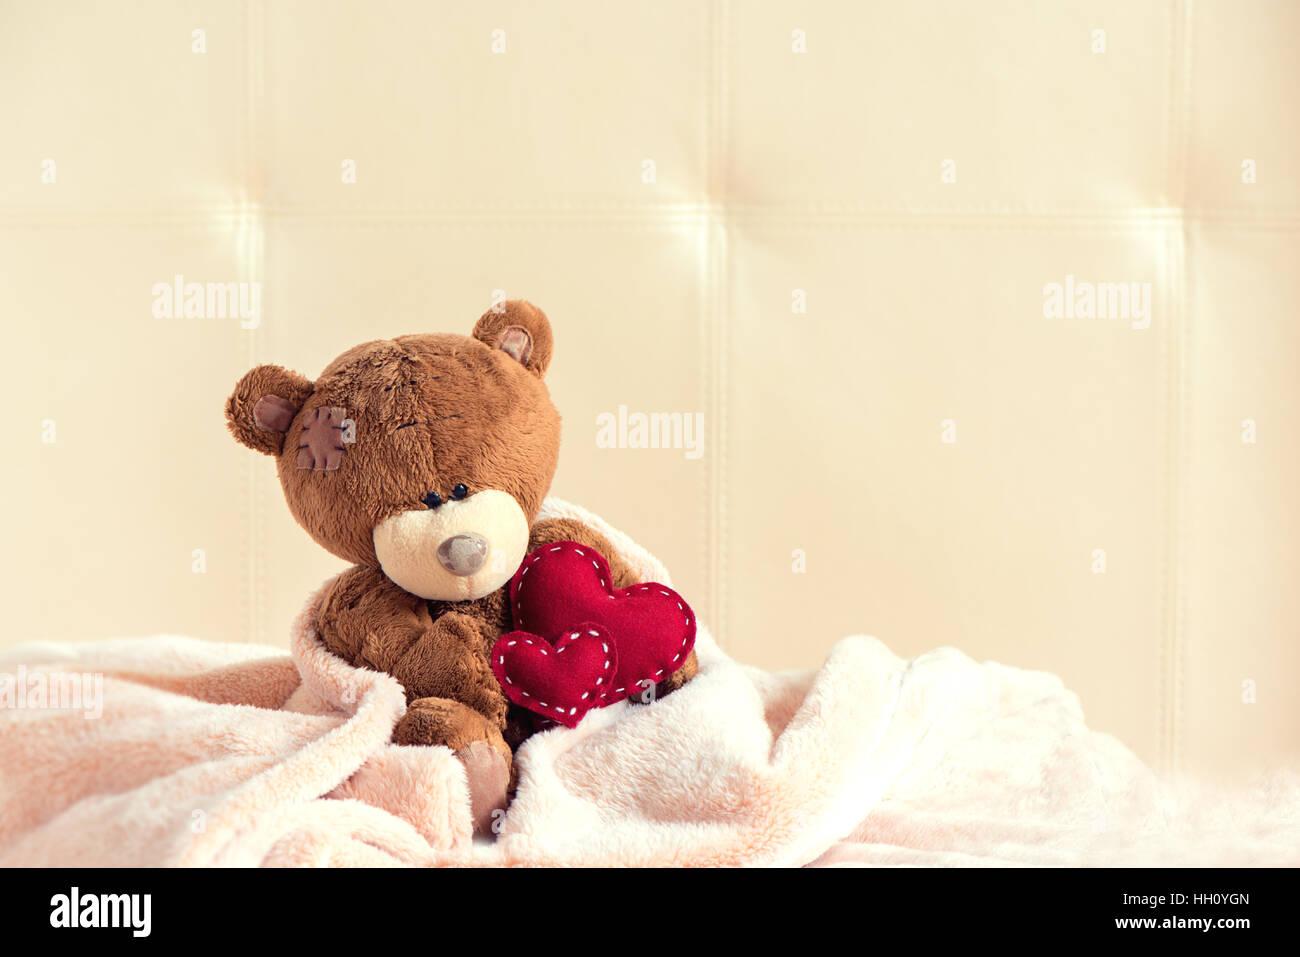 Ours en peluche avec coeur rouge, copy space, vintage retro teinte - la Saint-Valentin, l'amour, la bonté Photo Stock